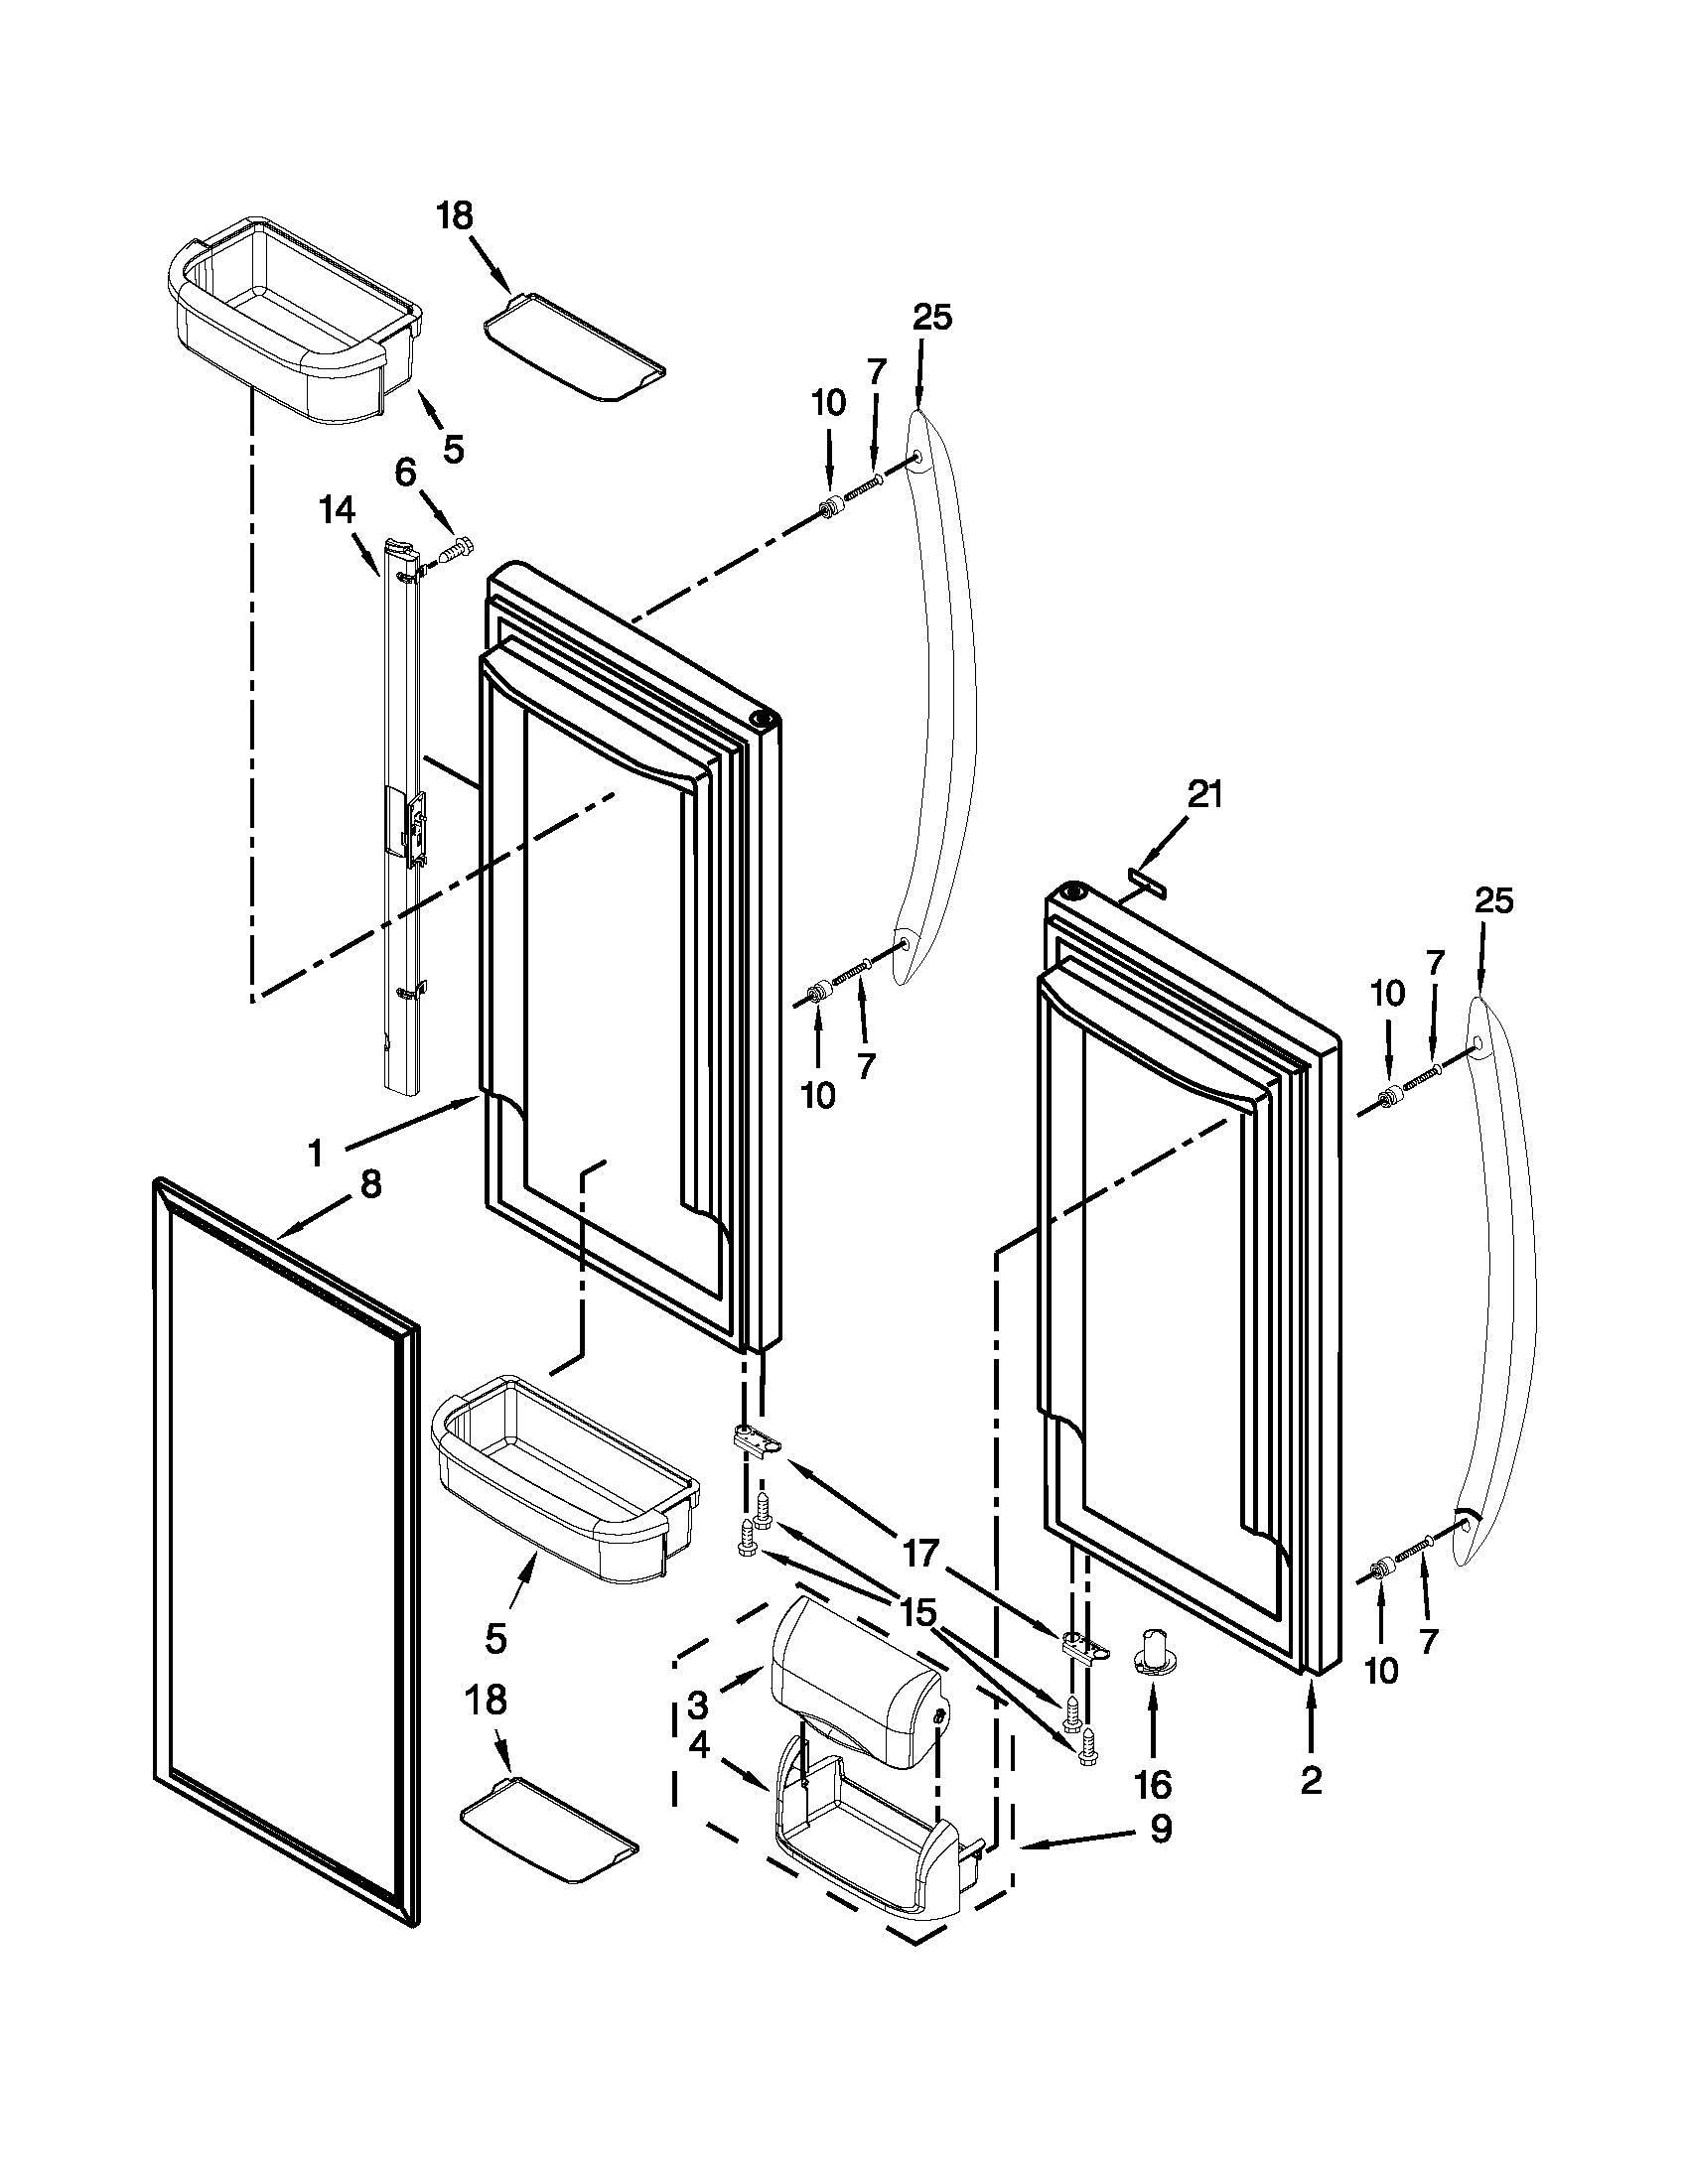 Kitchenaid model KBFS22EWMS4 bottom-mount refrigerator